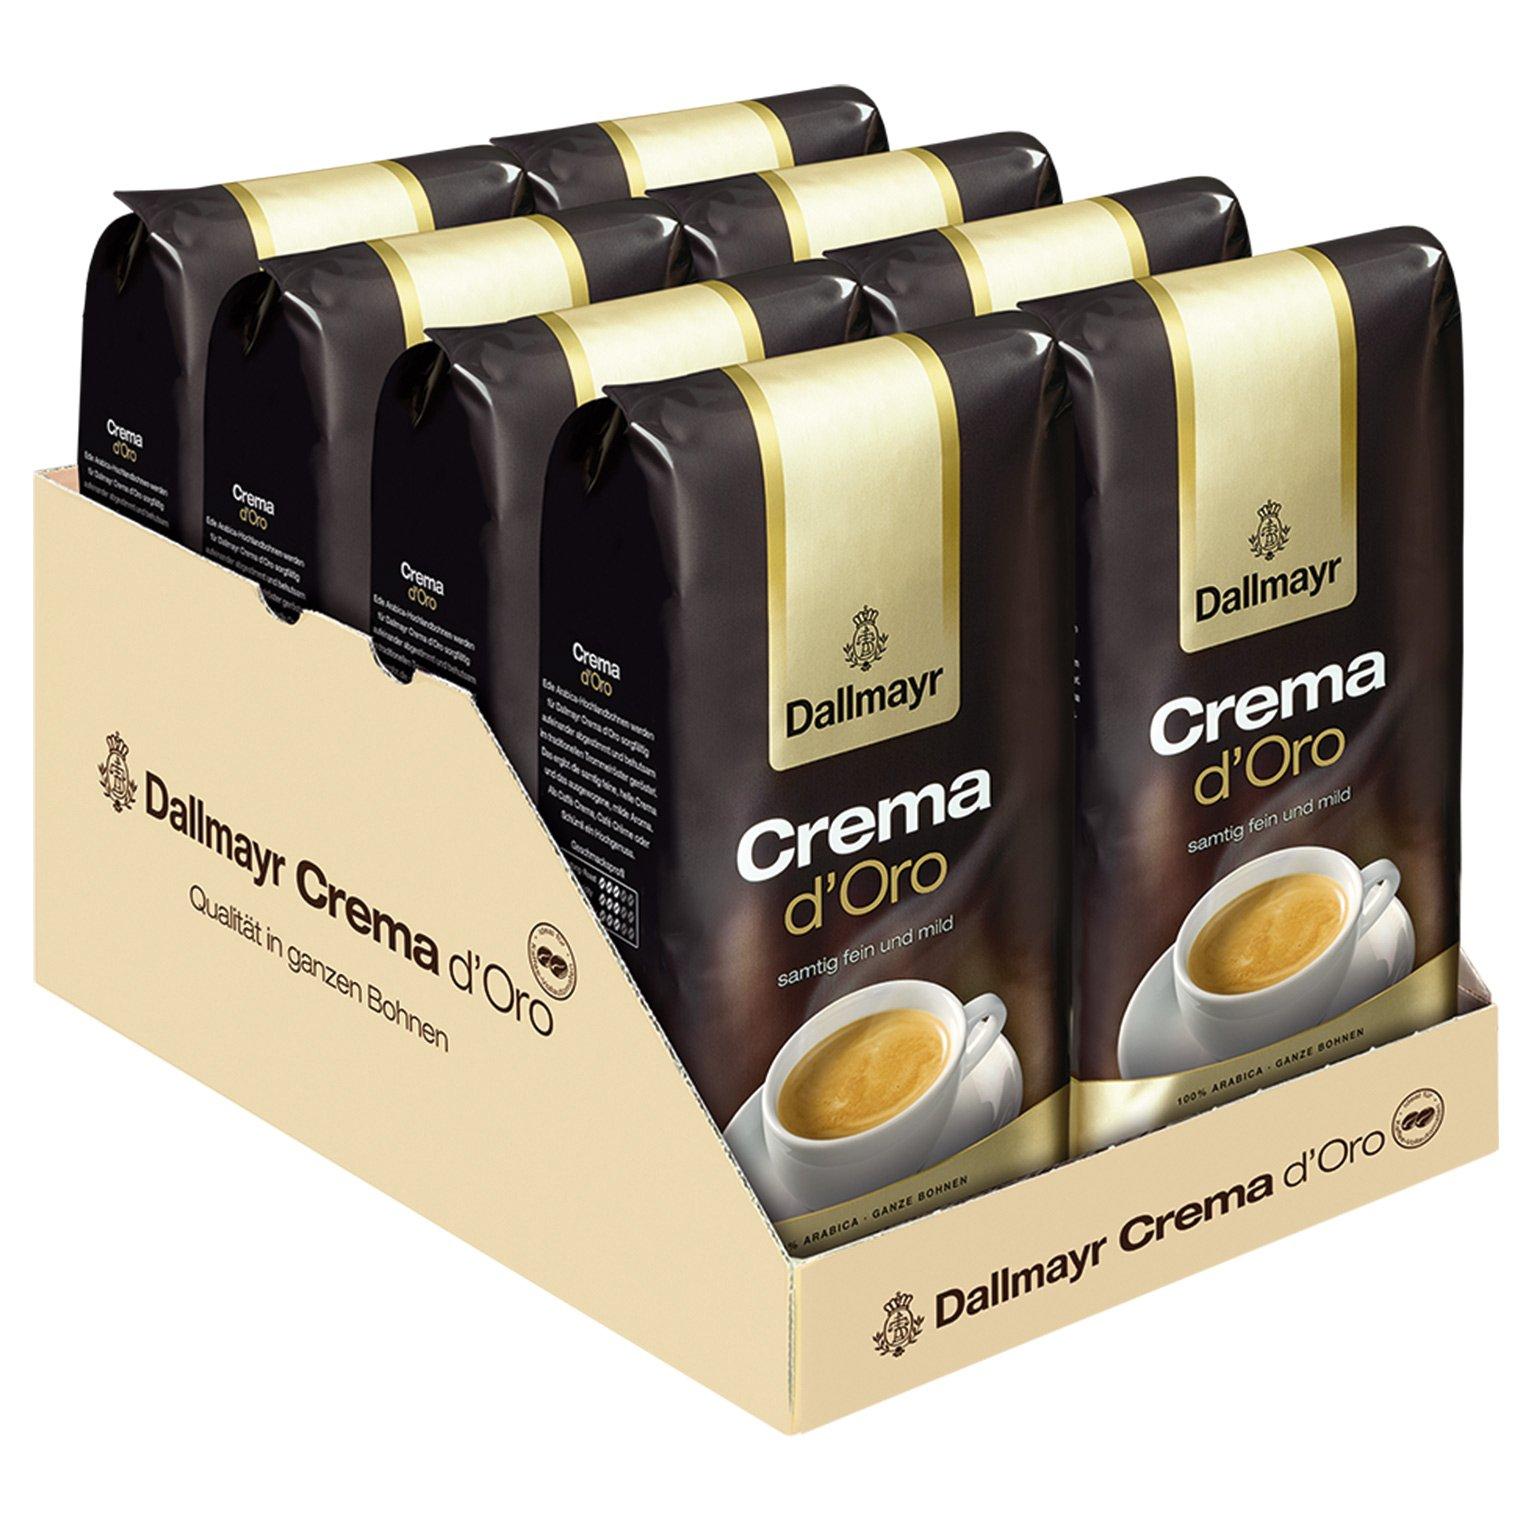 Dallmayr Crema d Oro Kaffee, ganze Bohnen, 8er Pack, 8 x 1000g